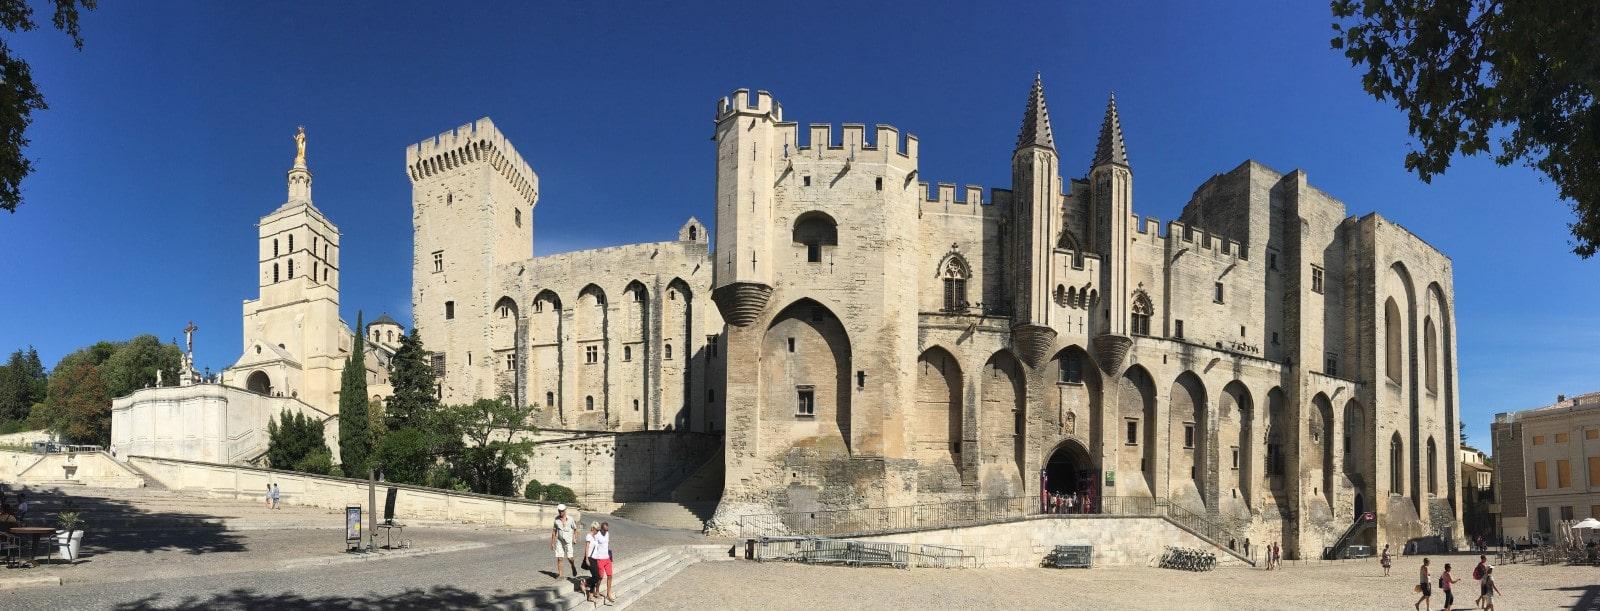 Avignone cosa vedere